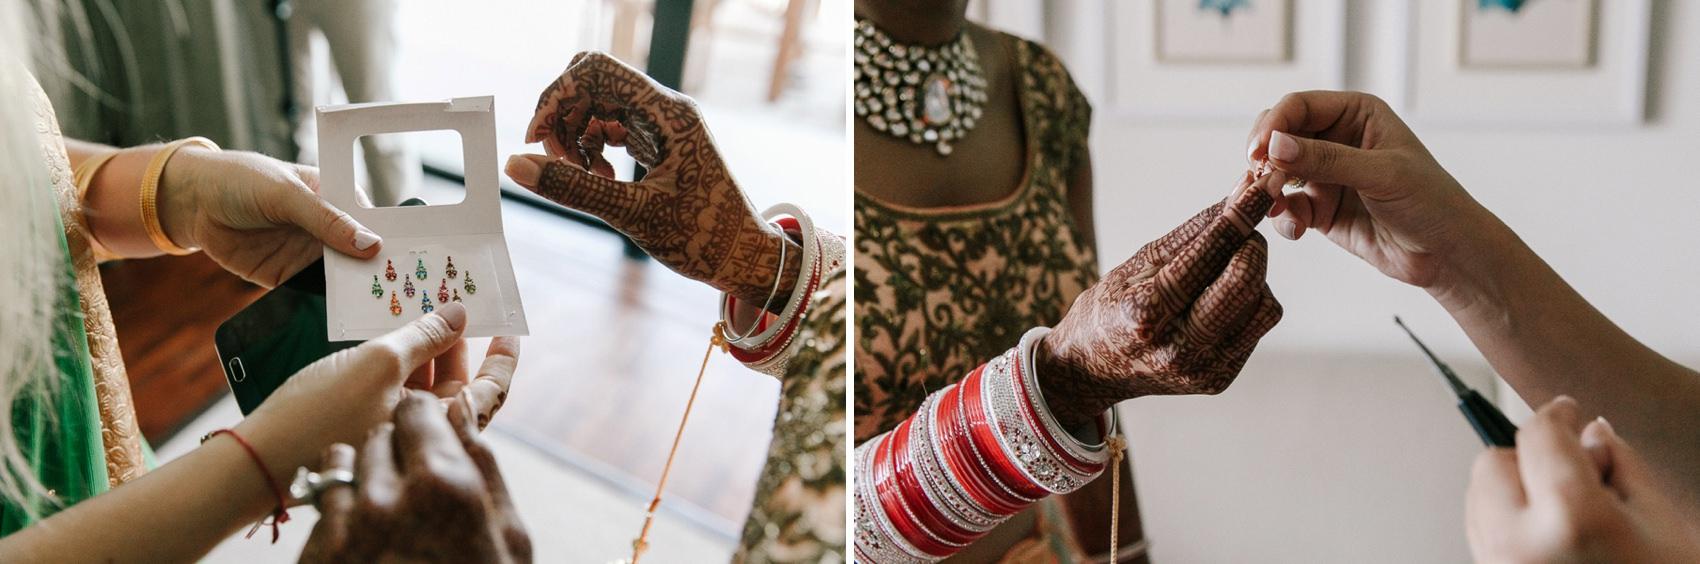 Indian-Wedding-Photography-Maala-Rohan_0158